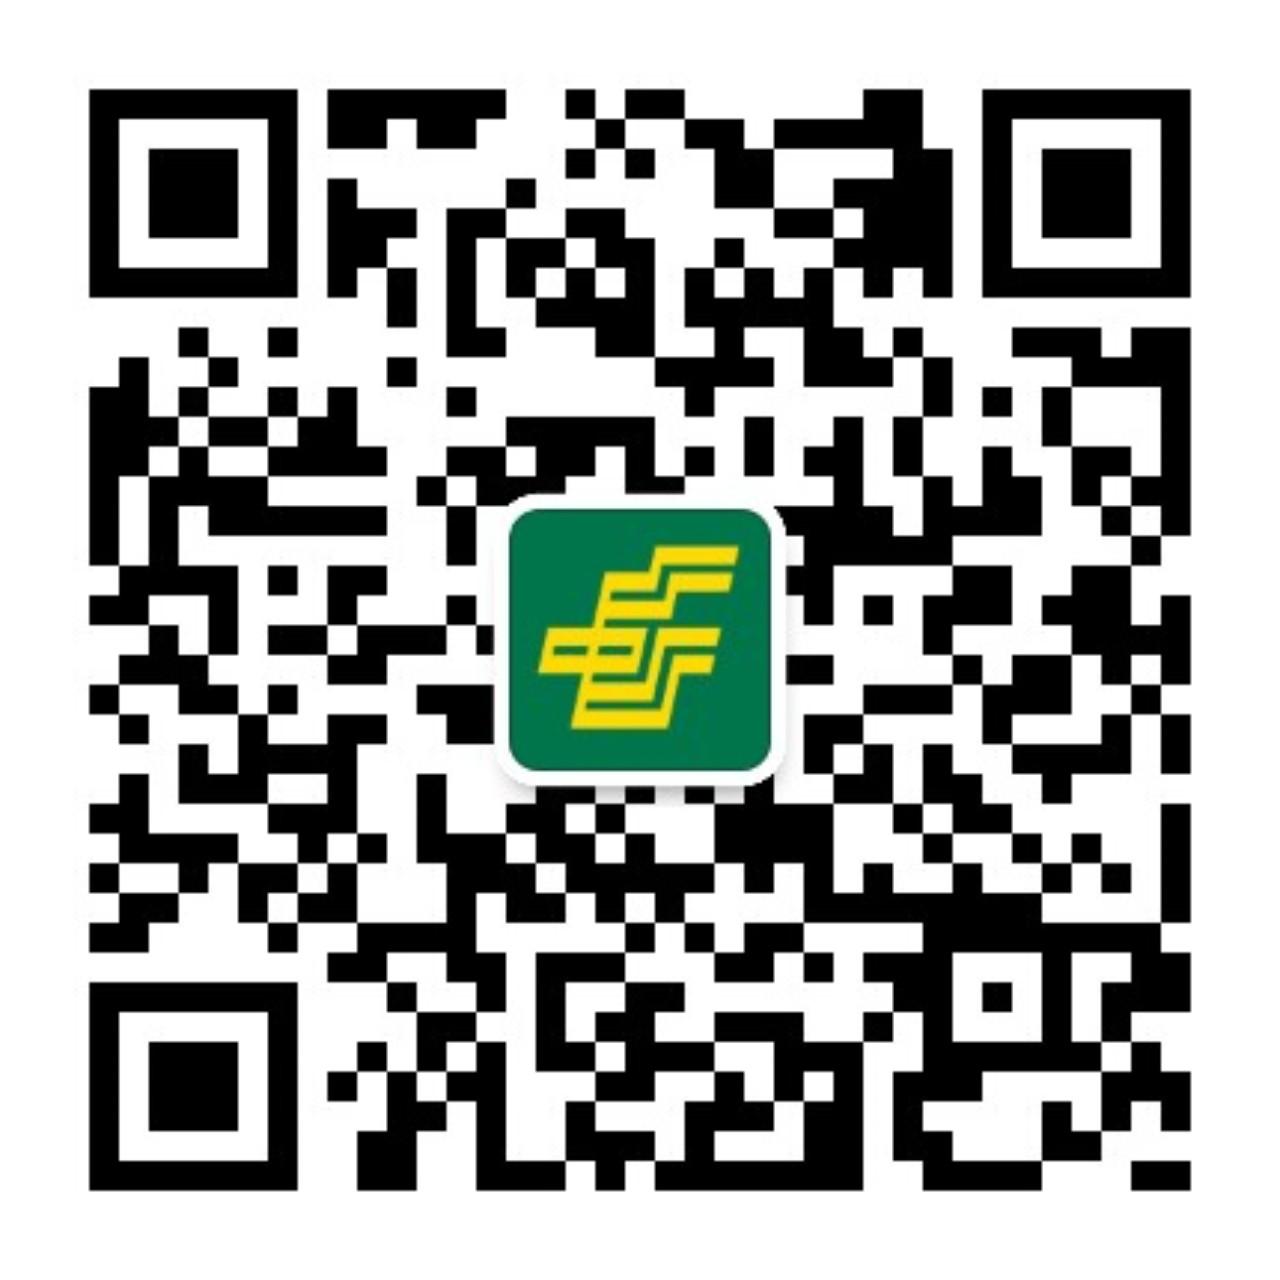 中国邮政APP涵盖查邮件、EMS寄递、报刊订阅、主题邮局、车务代办等多模块,随时随地享受邮政特色服务。